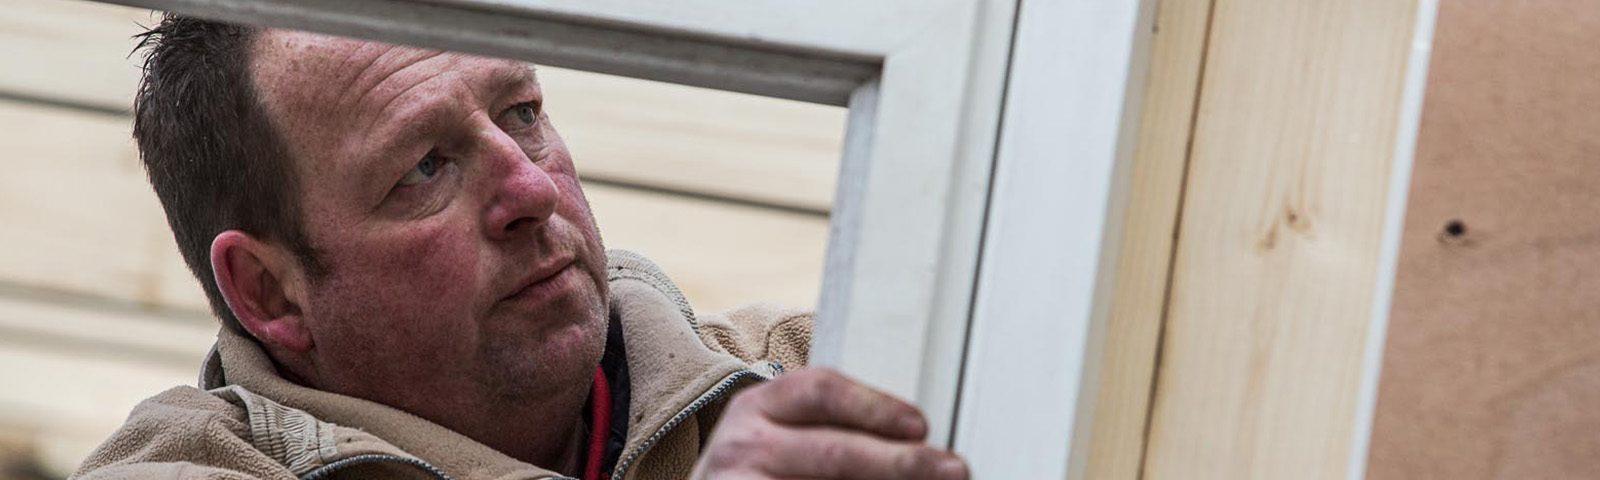 Bouwbedrijf Mario Wesseling | Dakramen | Aannemer dakopbouw